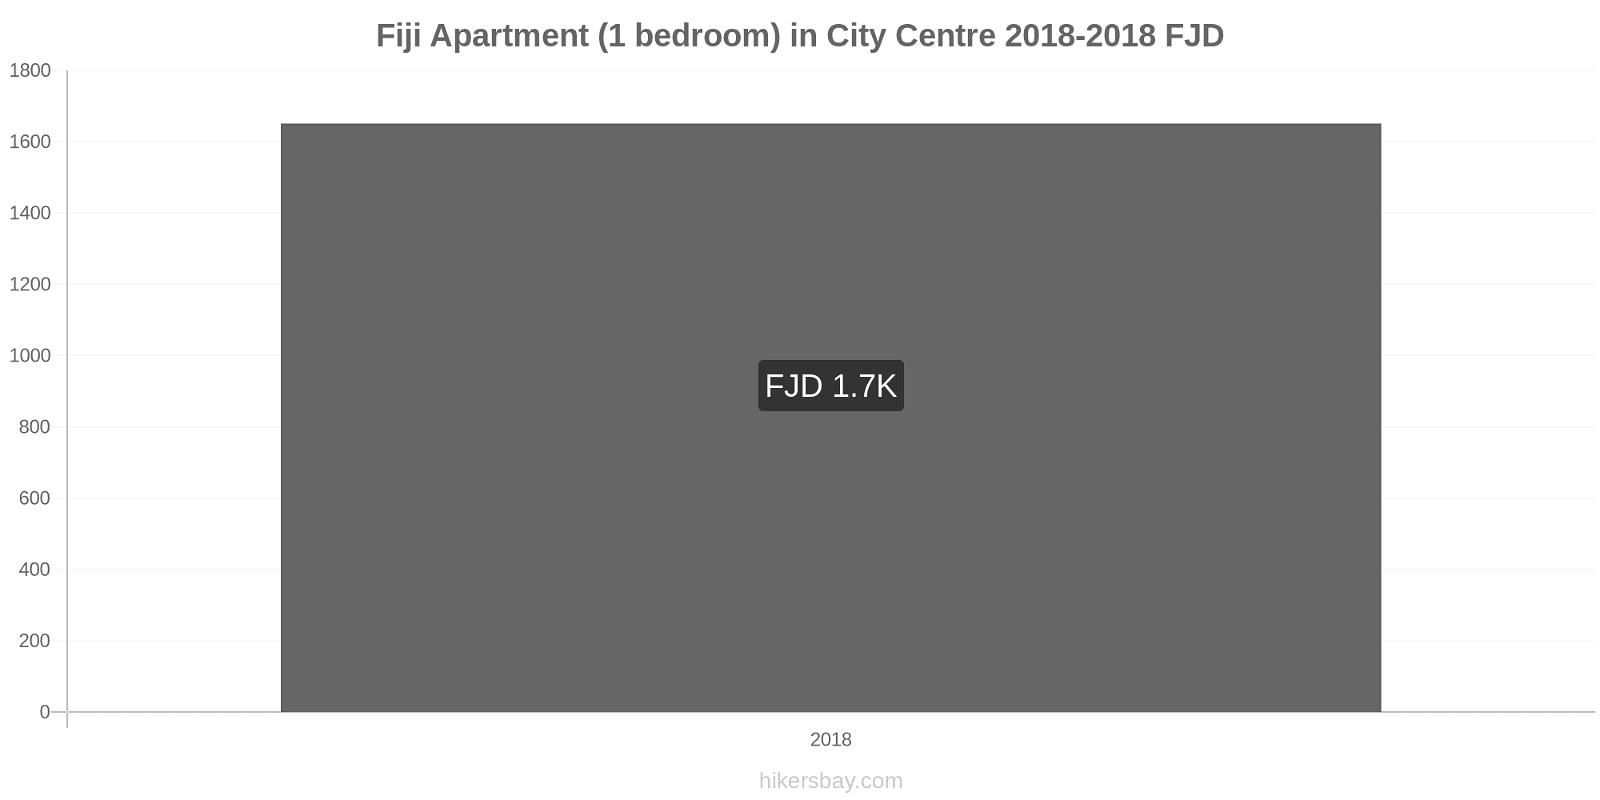 Fiji price changes Apartment (1 bedroom) in City Centre hikersbay.com